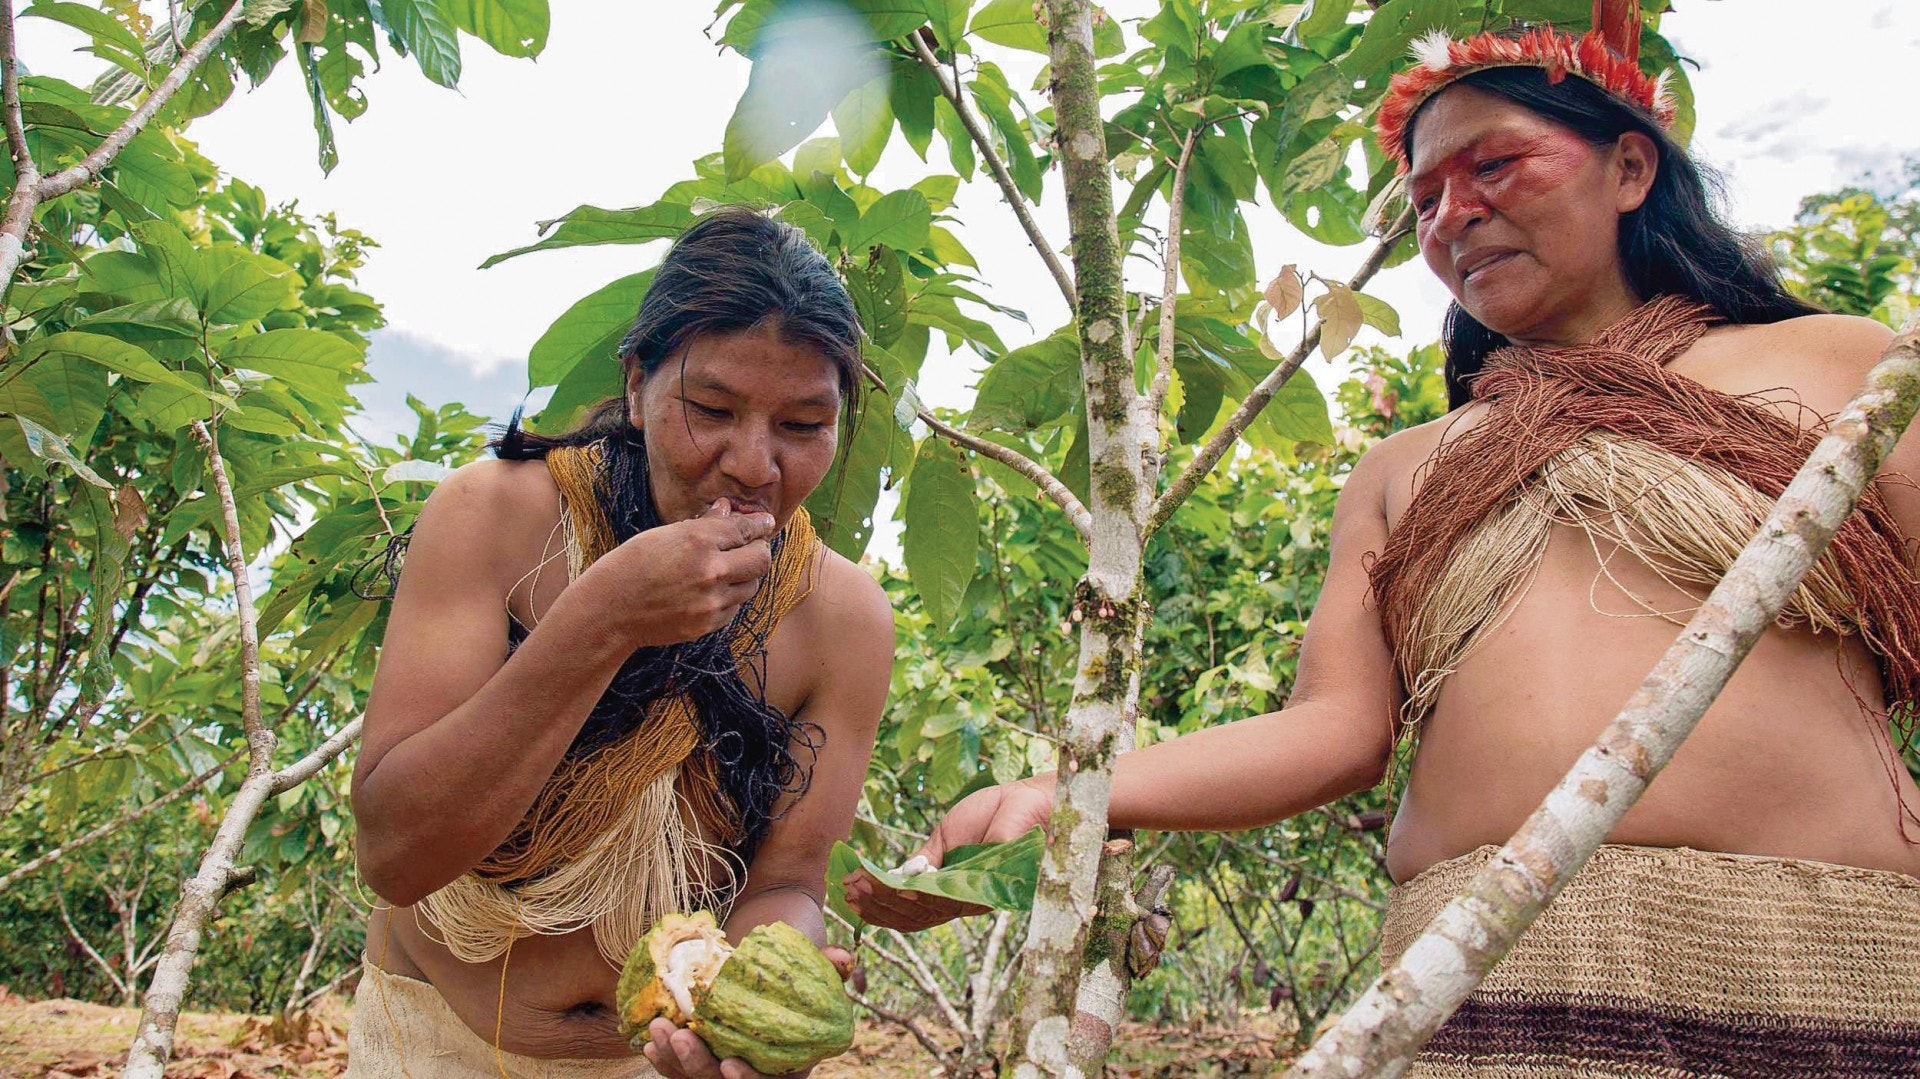 相比起「未接觸部落」,已與現代文明有持續接觸,被當地政府立法保障其利益的南美原住民部落為數更多。不過,這不代表他們能免於外界的侵擾,過着無憂無慮的生活。(VCG)